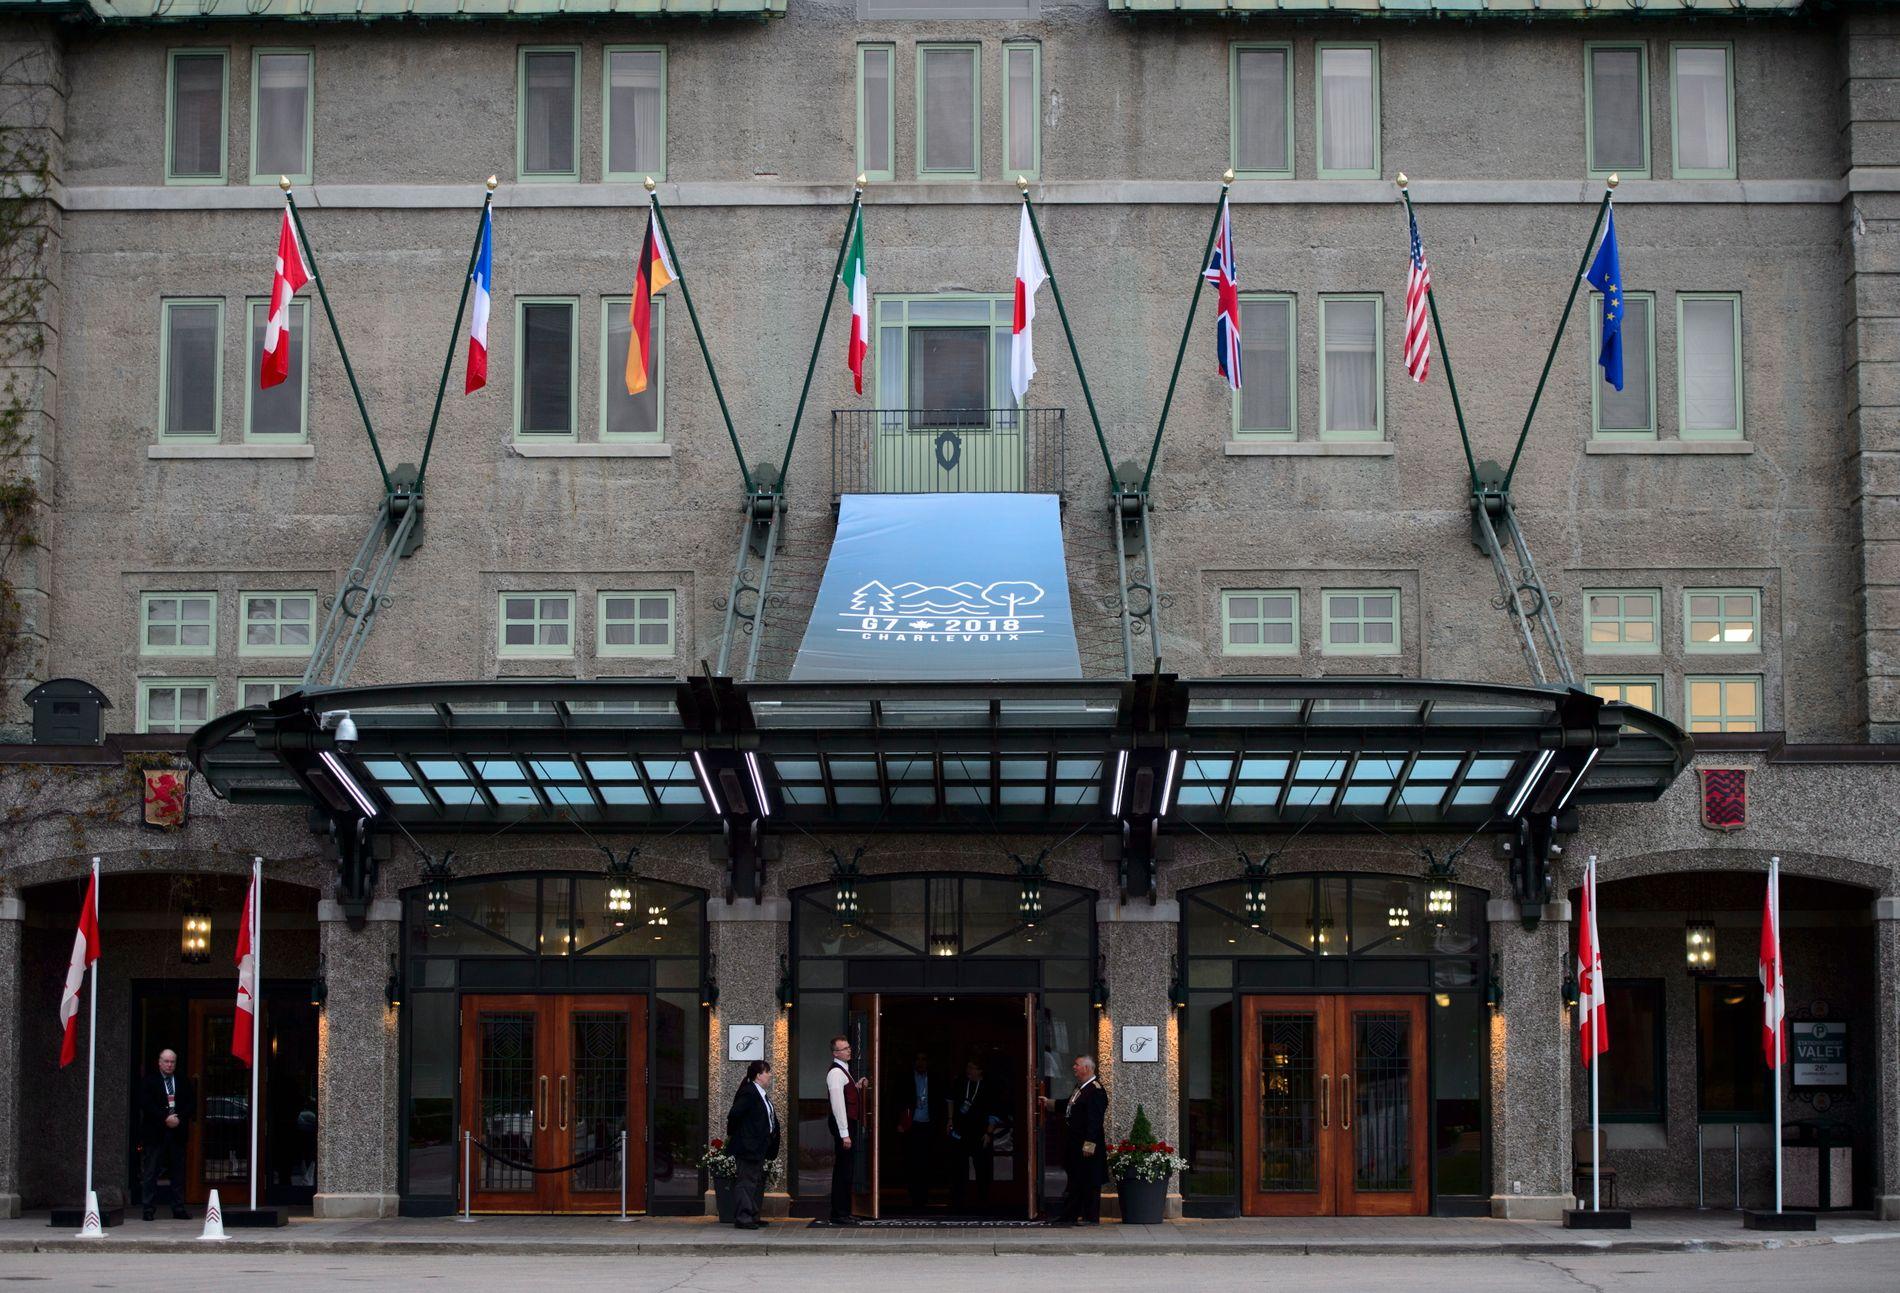 MØTESTED: Fairmont Le Manoir Richelieu, er det historiske hotellet i byen La Malbaie, som skal huse G7-møtet.